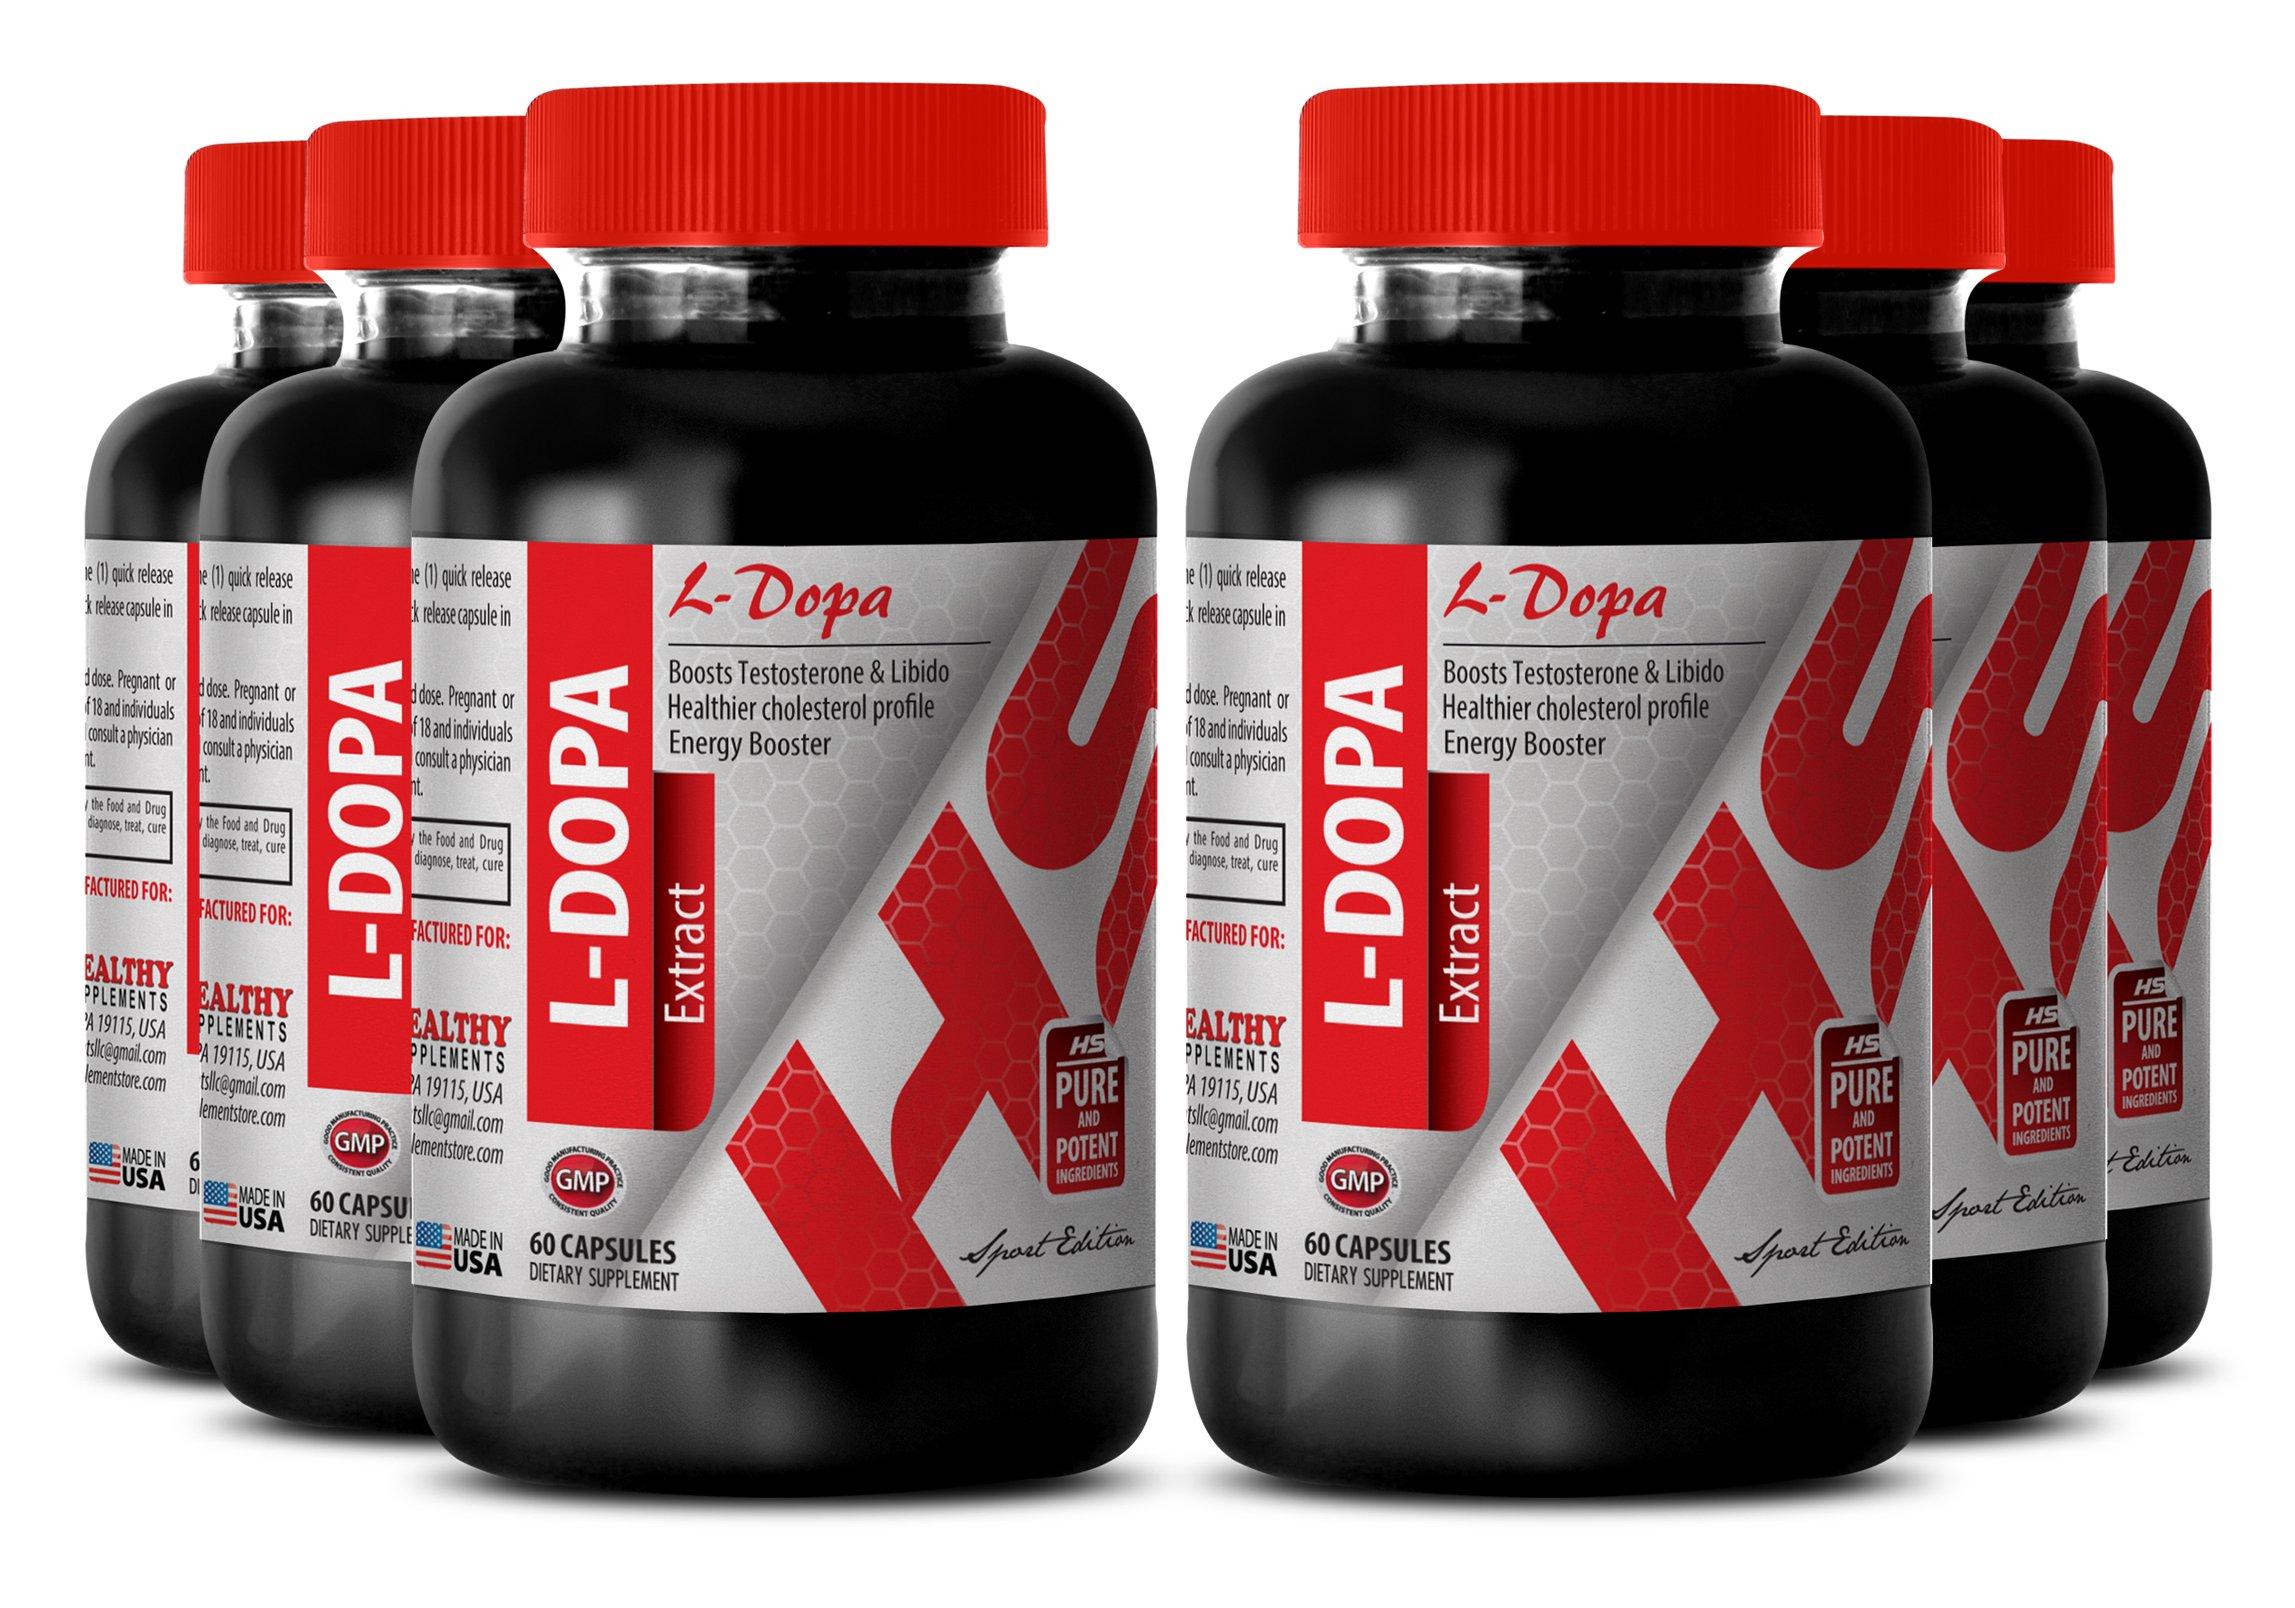 Macuna seeds - L-DOPA MACUNA PRURIENS 350 MG - increase fertility (6 Bottles)